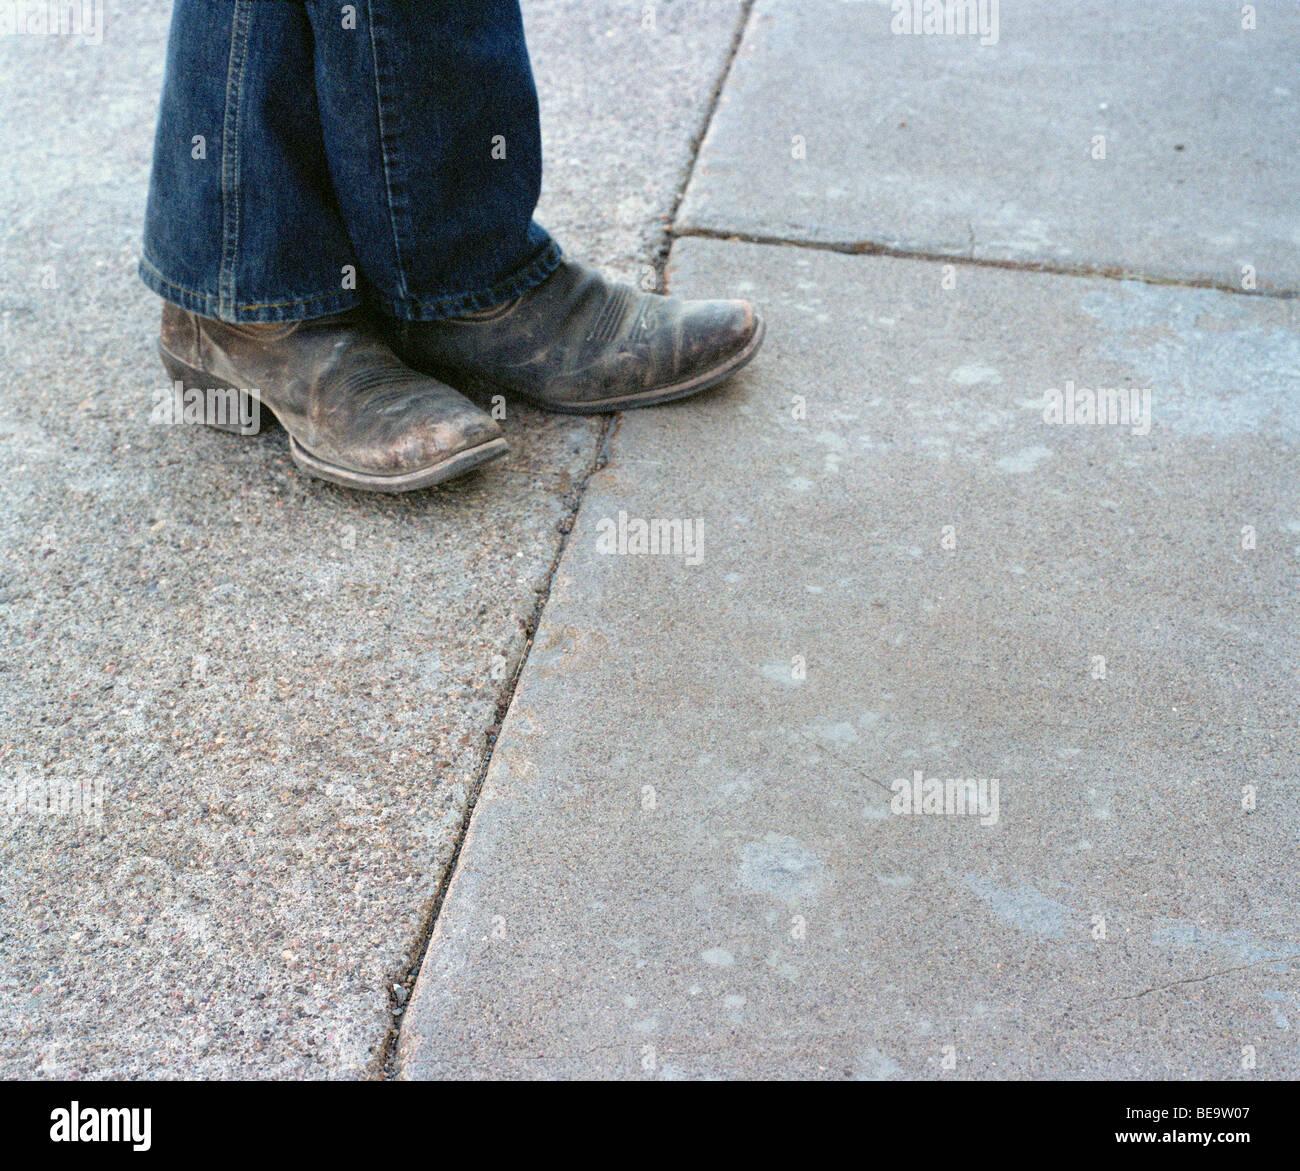 Cerca de capeado botas vaqueras y pantalones vaqueros Imagen De Stock